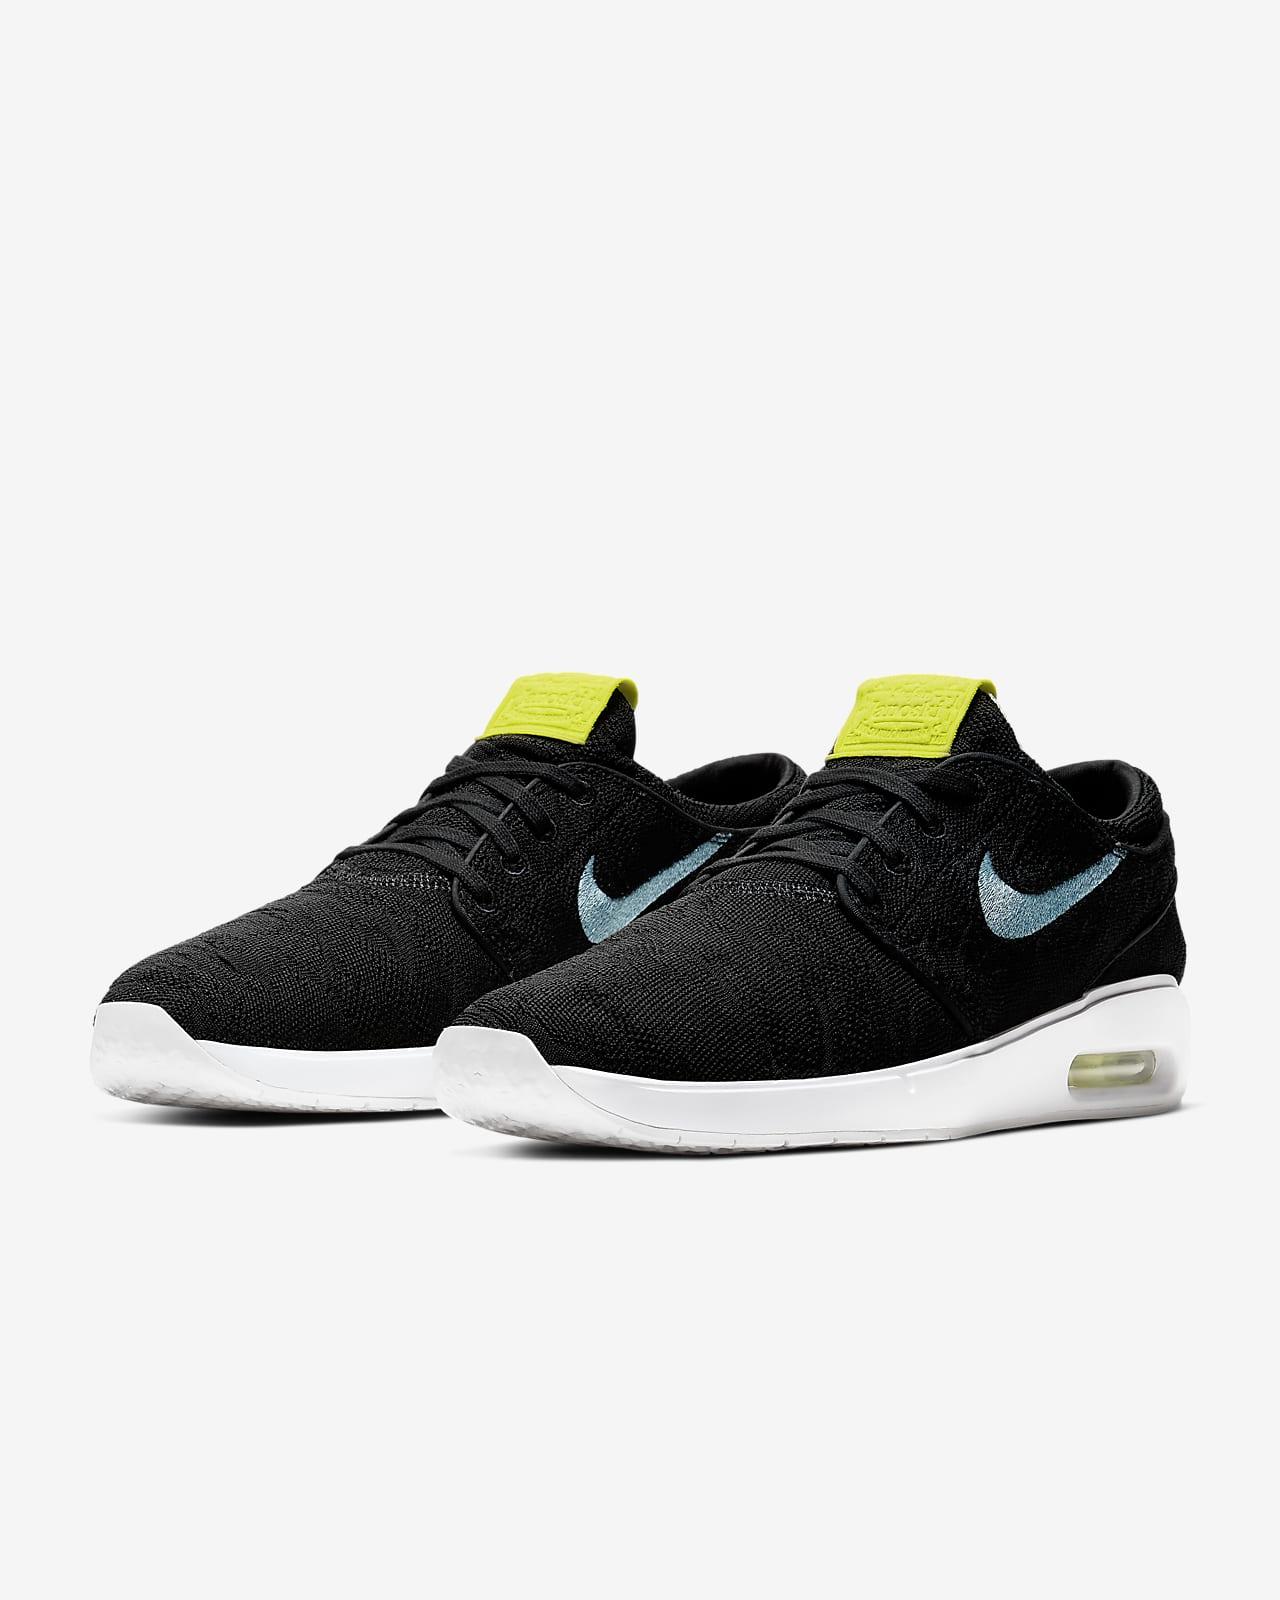 Nike SB Air Max Stefan Janoski 2 Skate